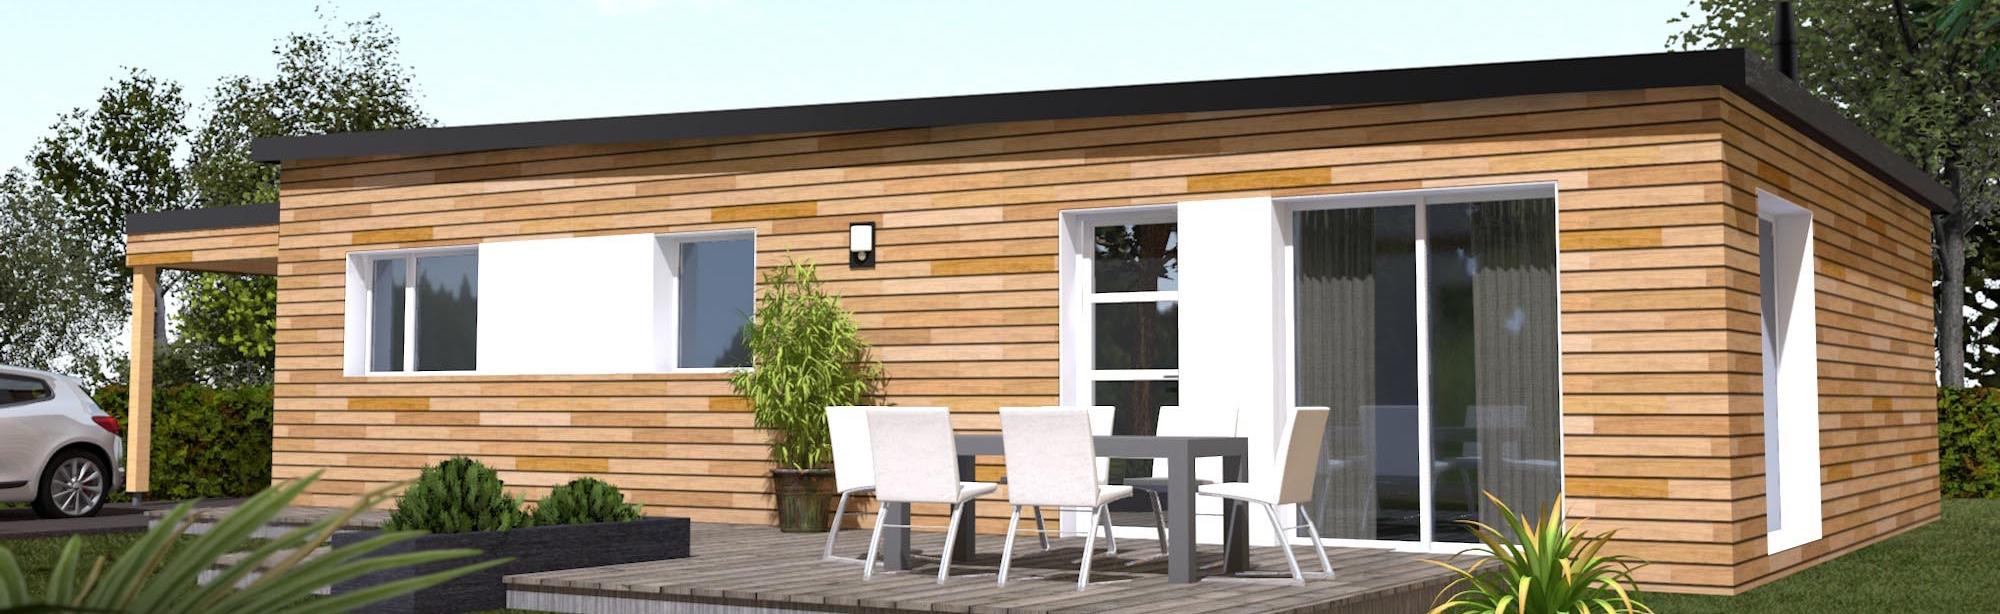 Maison plain pied en bois maisons ossature bois de for Modele maison en bois plain pied